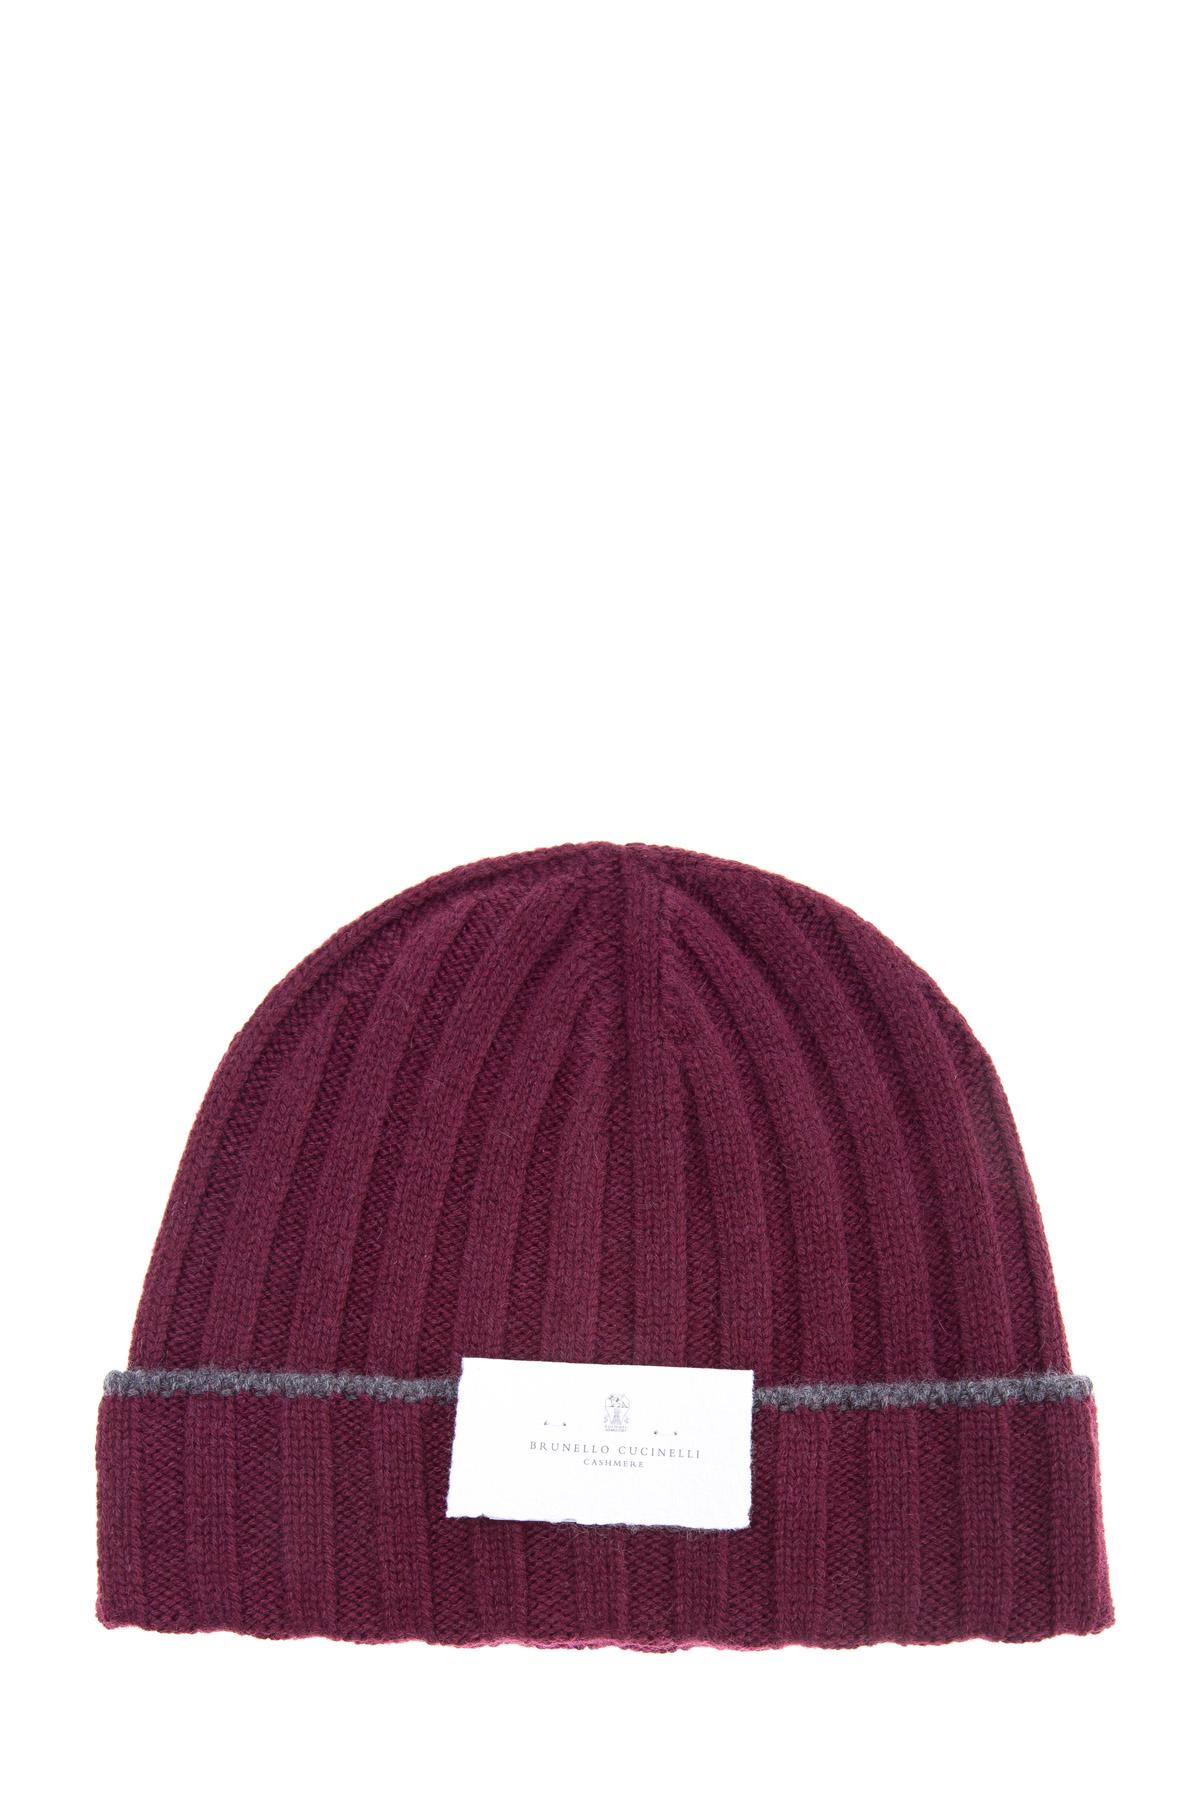 Теплая шапка из шерсти с контрастной полосой на отвороте фото